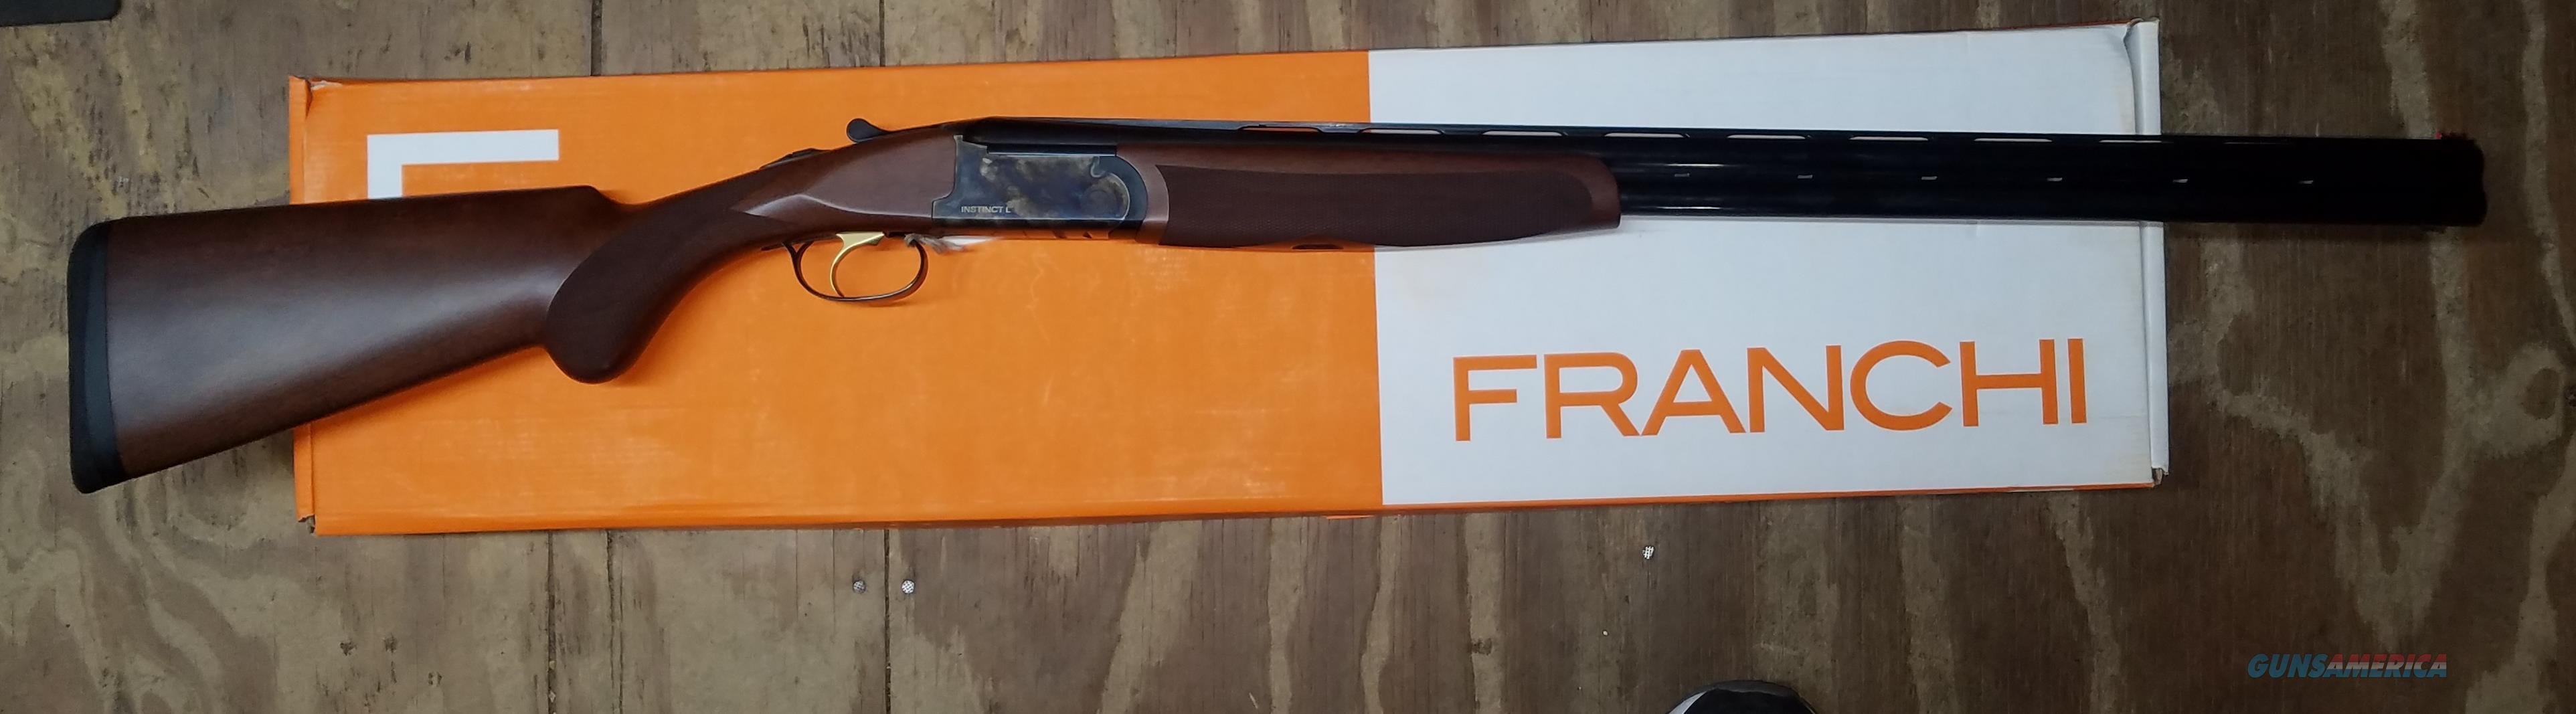 Franchi 40810 Instinct L Over and Under 20 Gauge Shotgun  Guns > Shotguns > Franchi Shotguns > Over/Under > Hunting